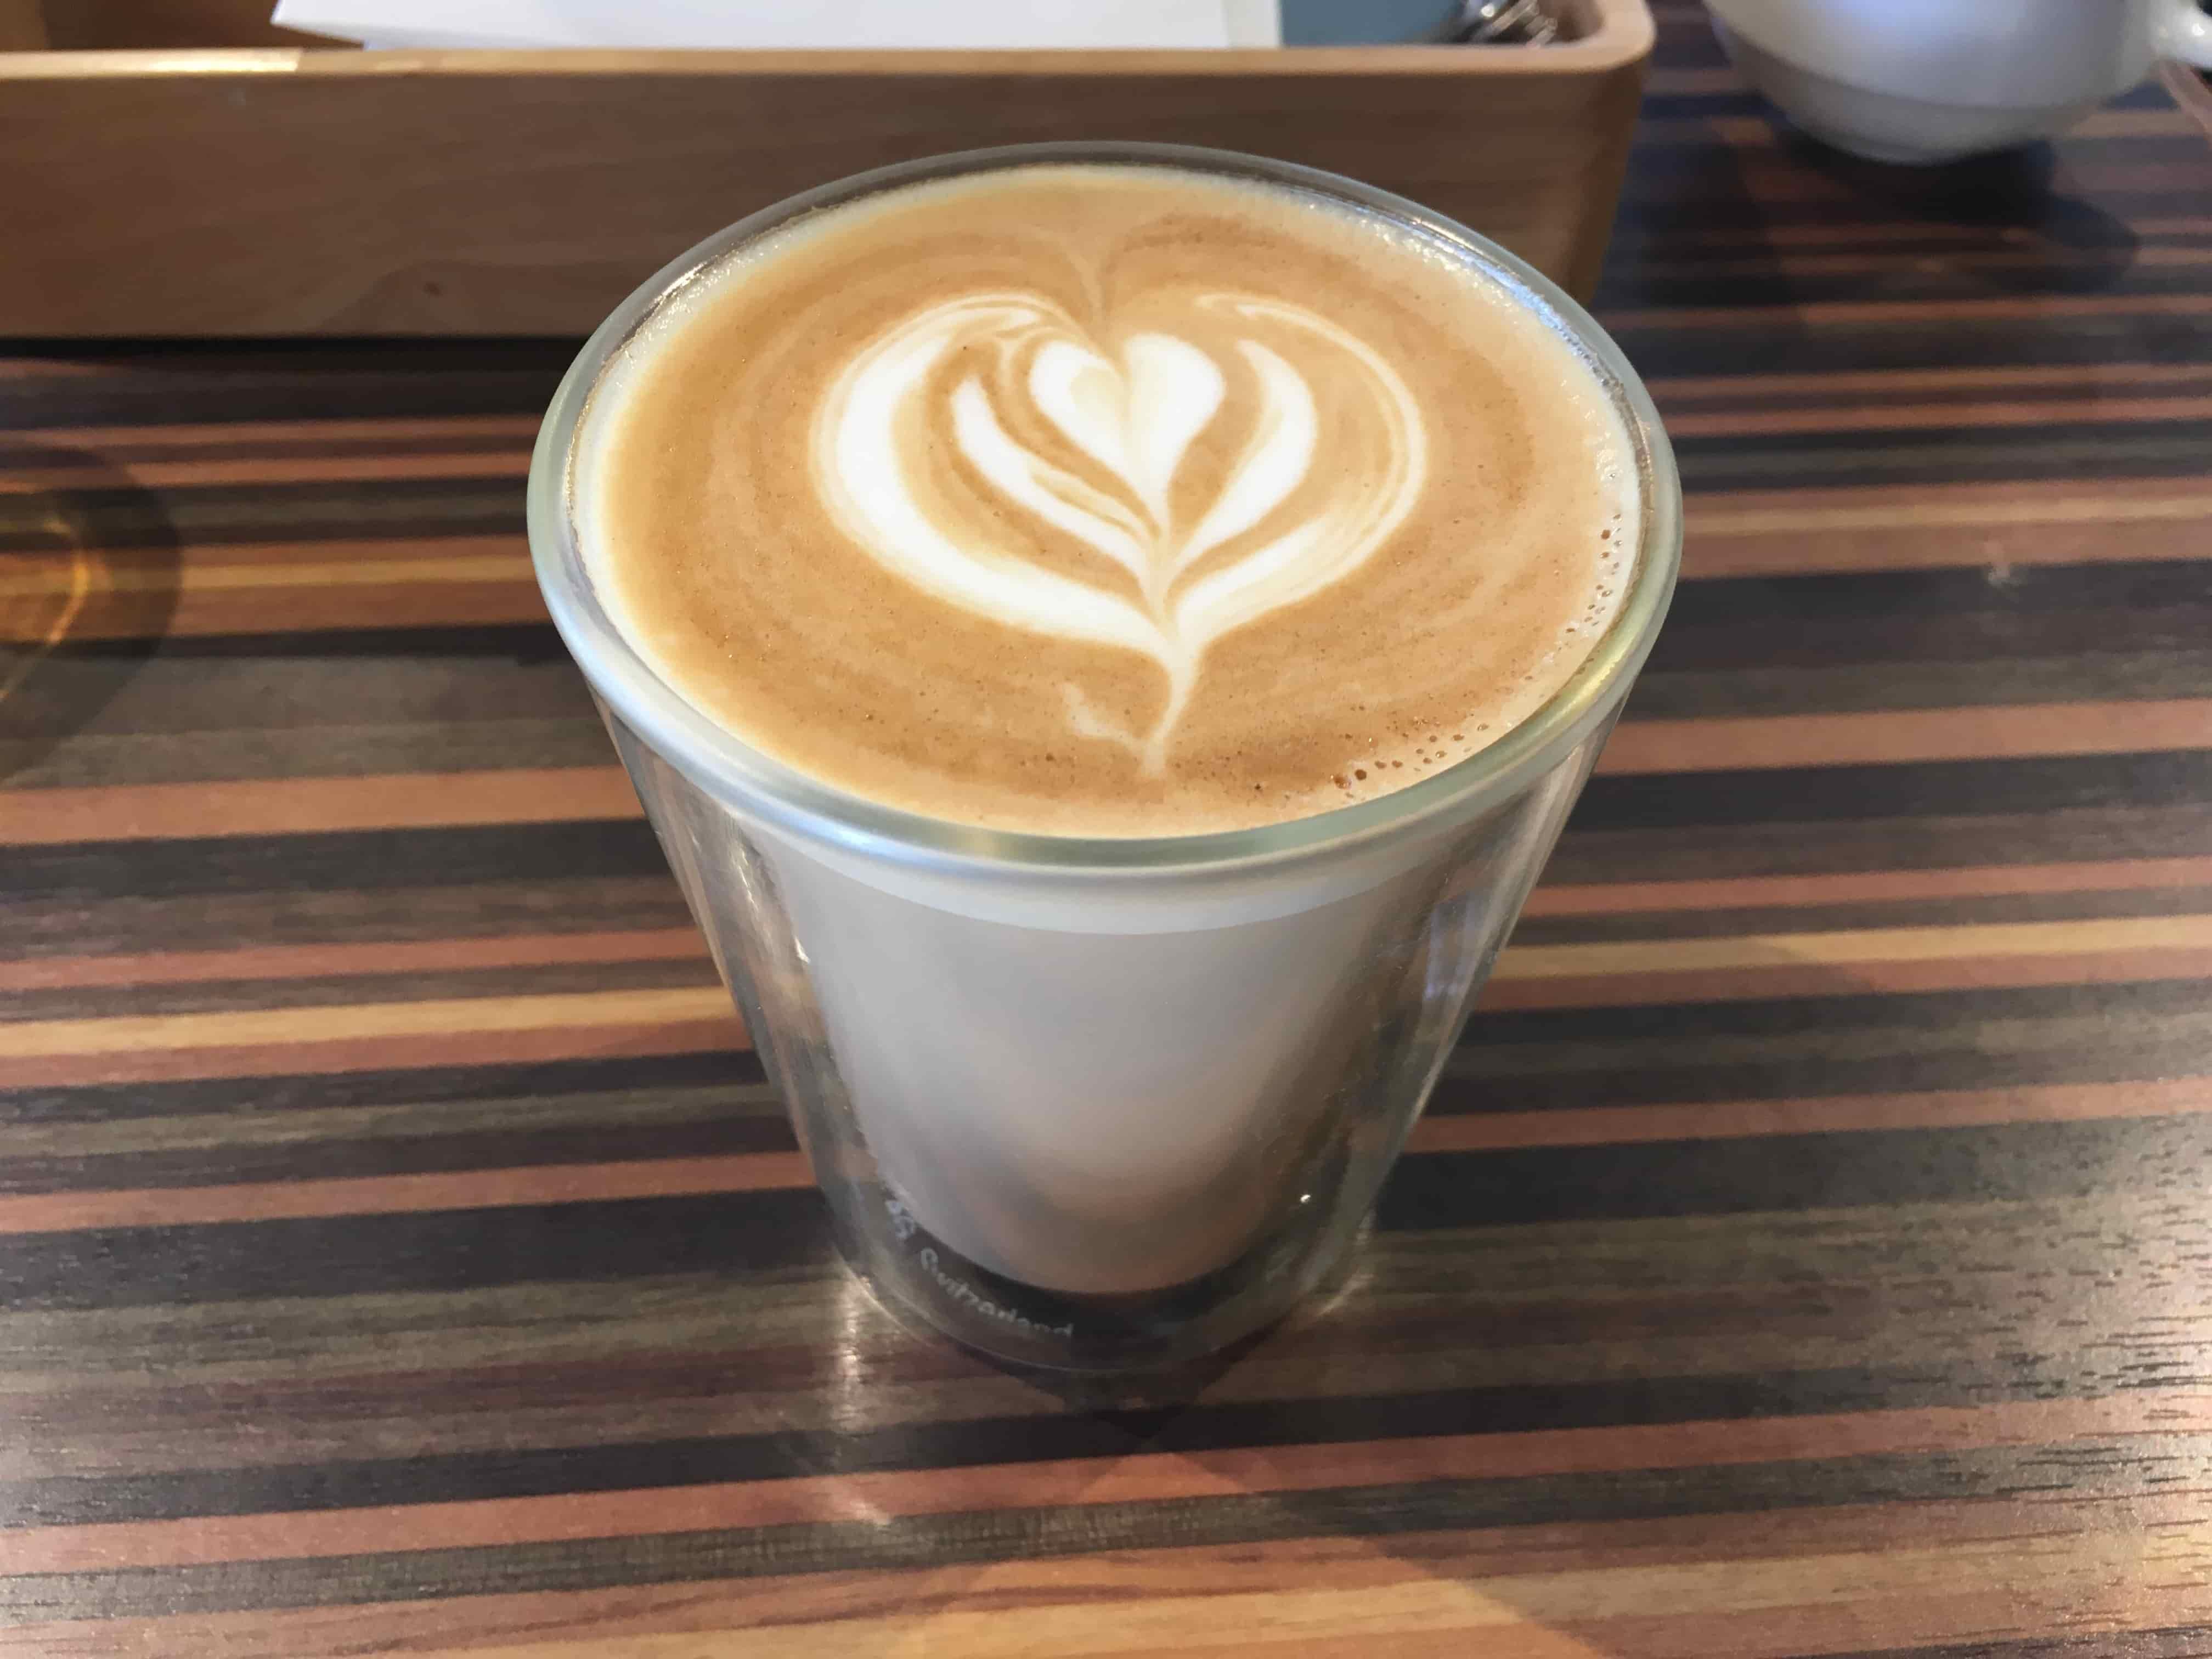 cafefukuoka